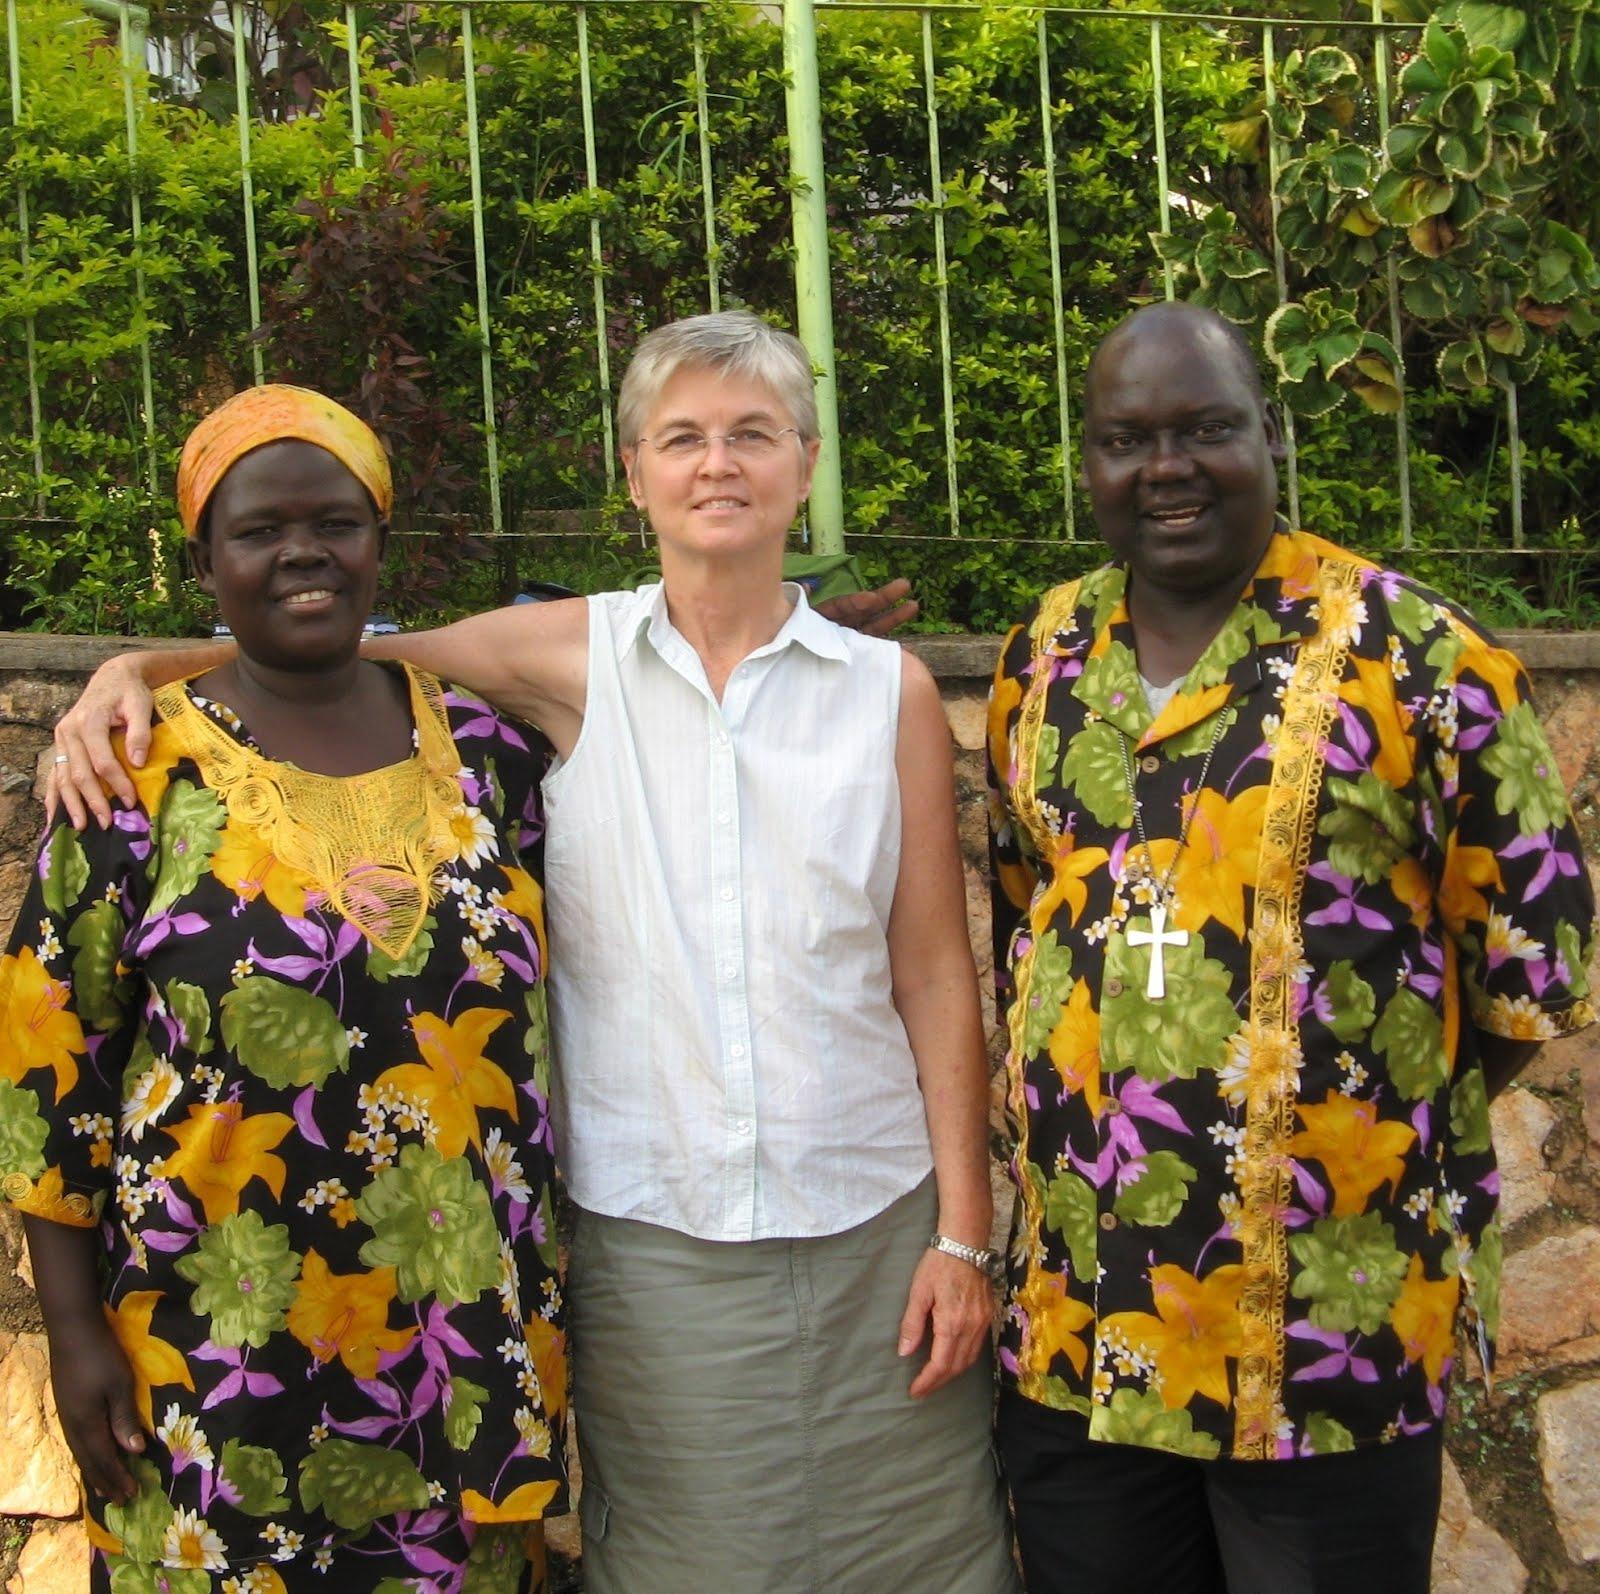 Susan Morris, Partnership Coordinator